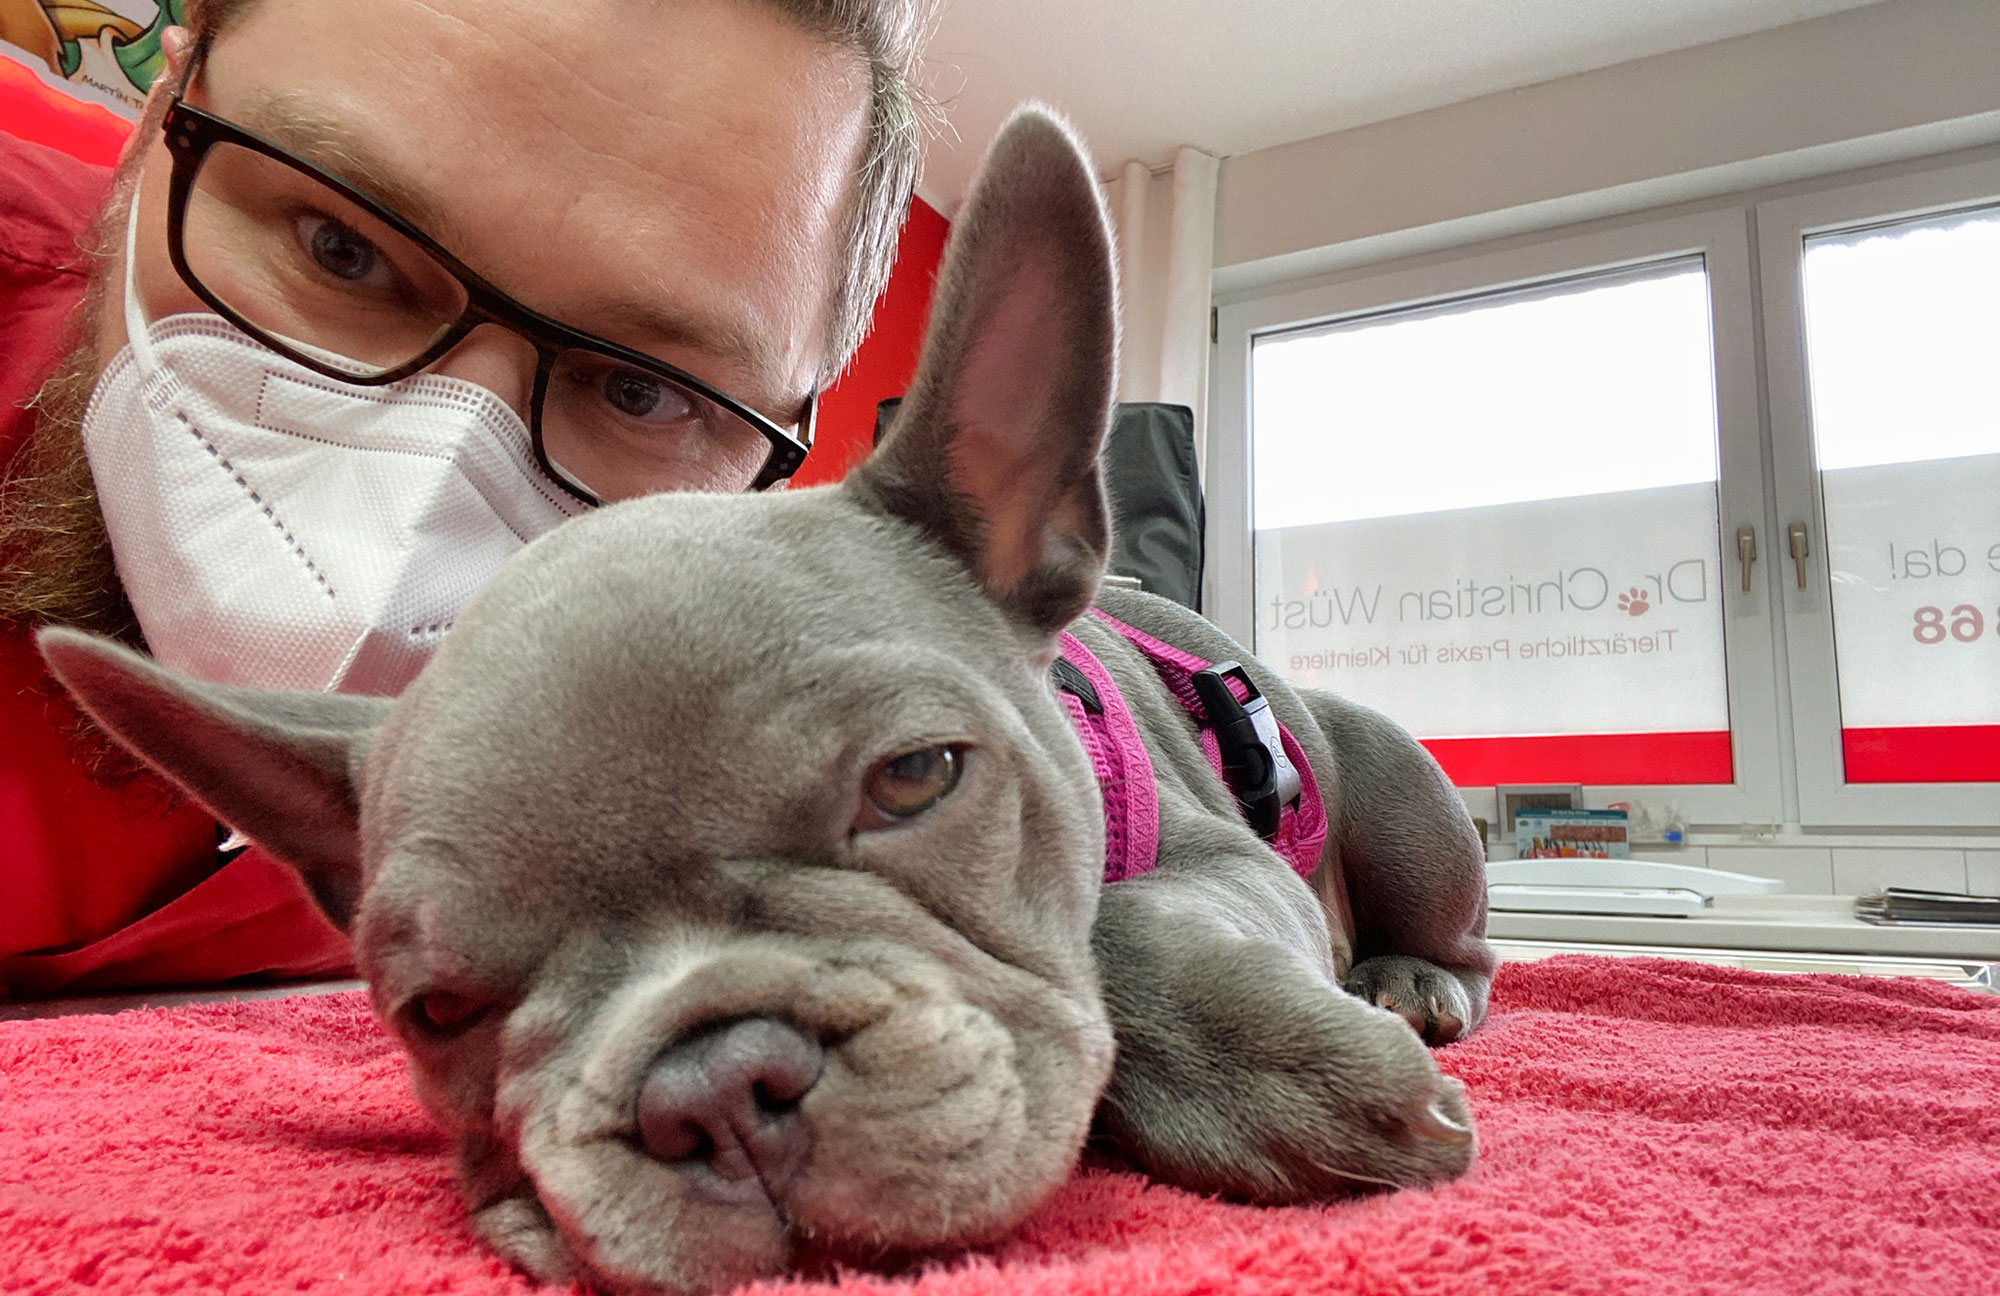 Verrückt! Erster Besuch bei Tierarzt Dr. Wüst in Gladbeck – komplett verpennt!